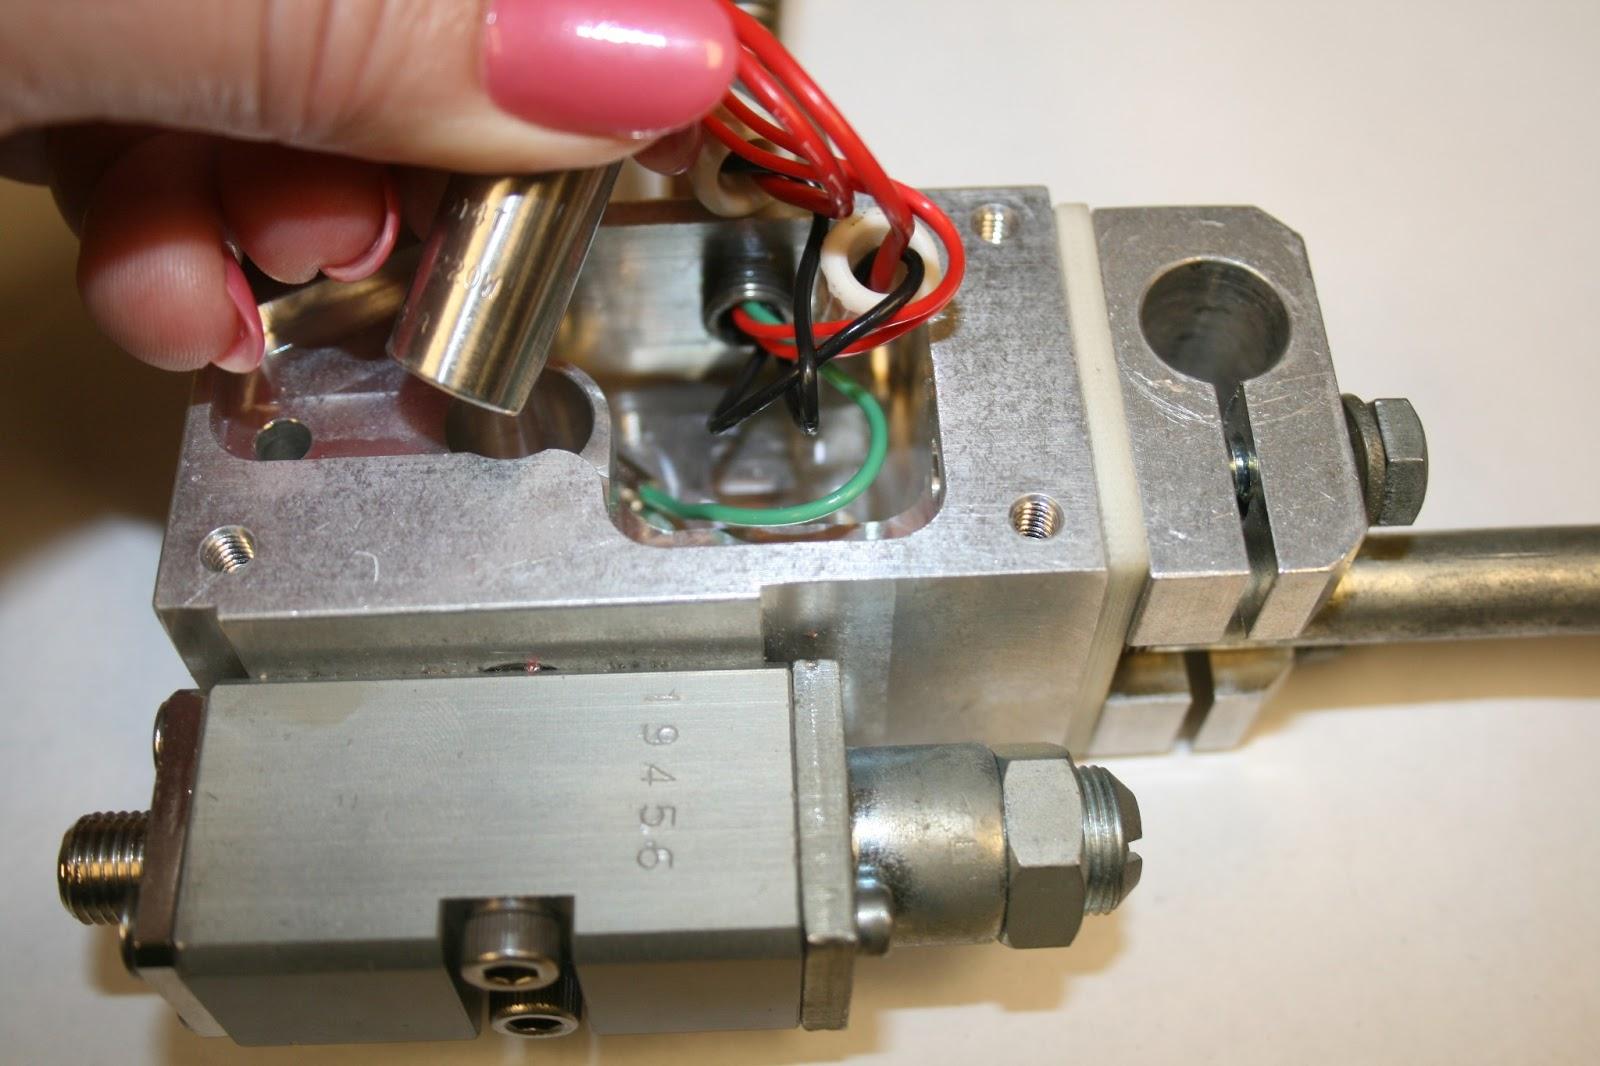 Repairing Nordson Glue Applicators